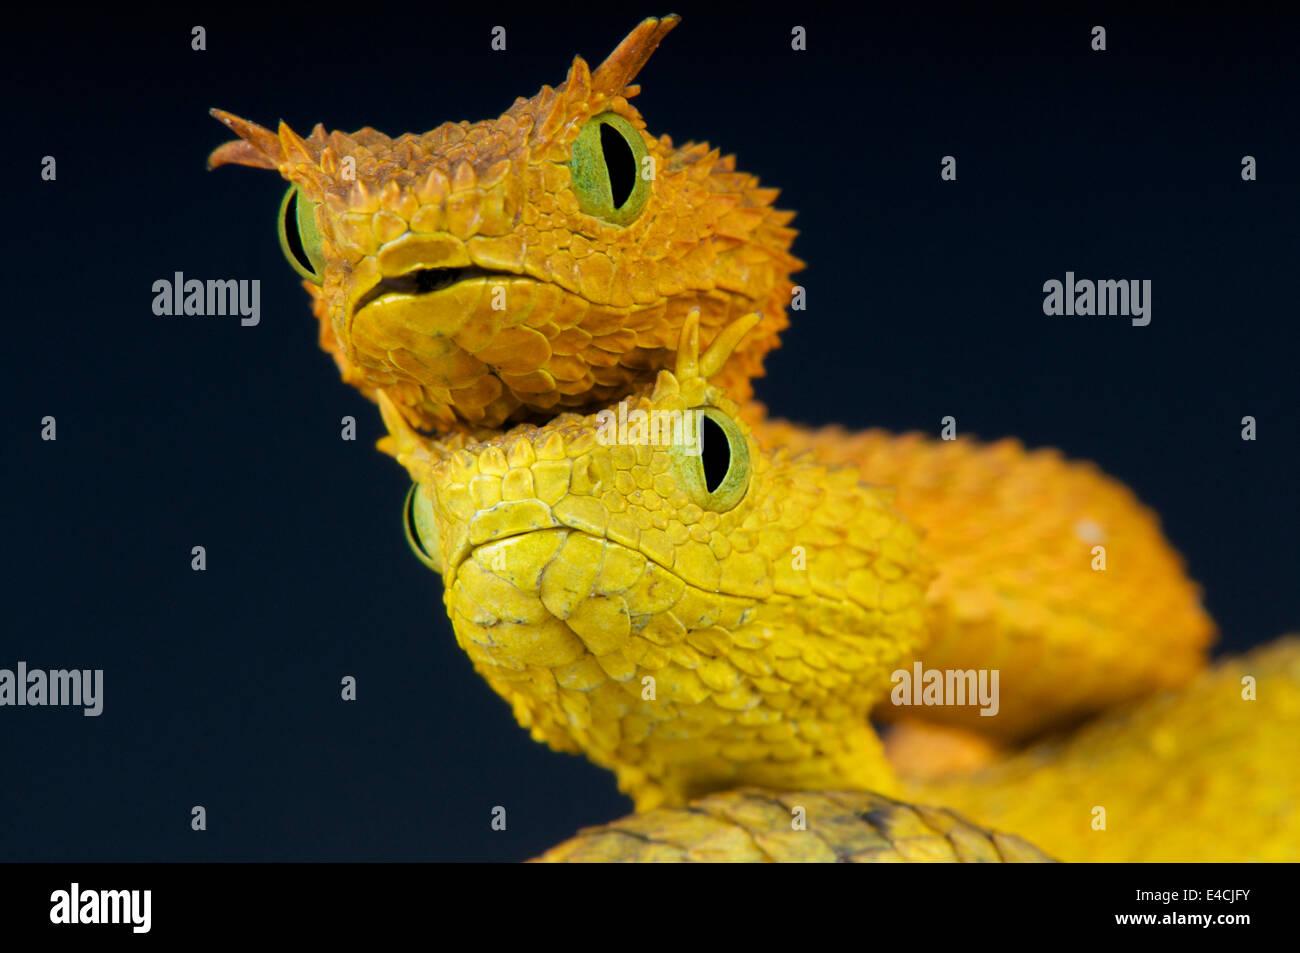 Usumbara bush vipers / Atheris ceratophora - Stock Image